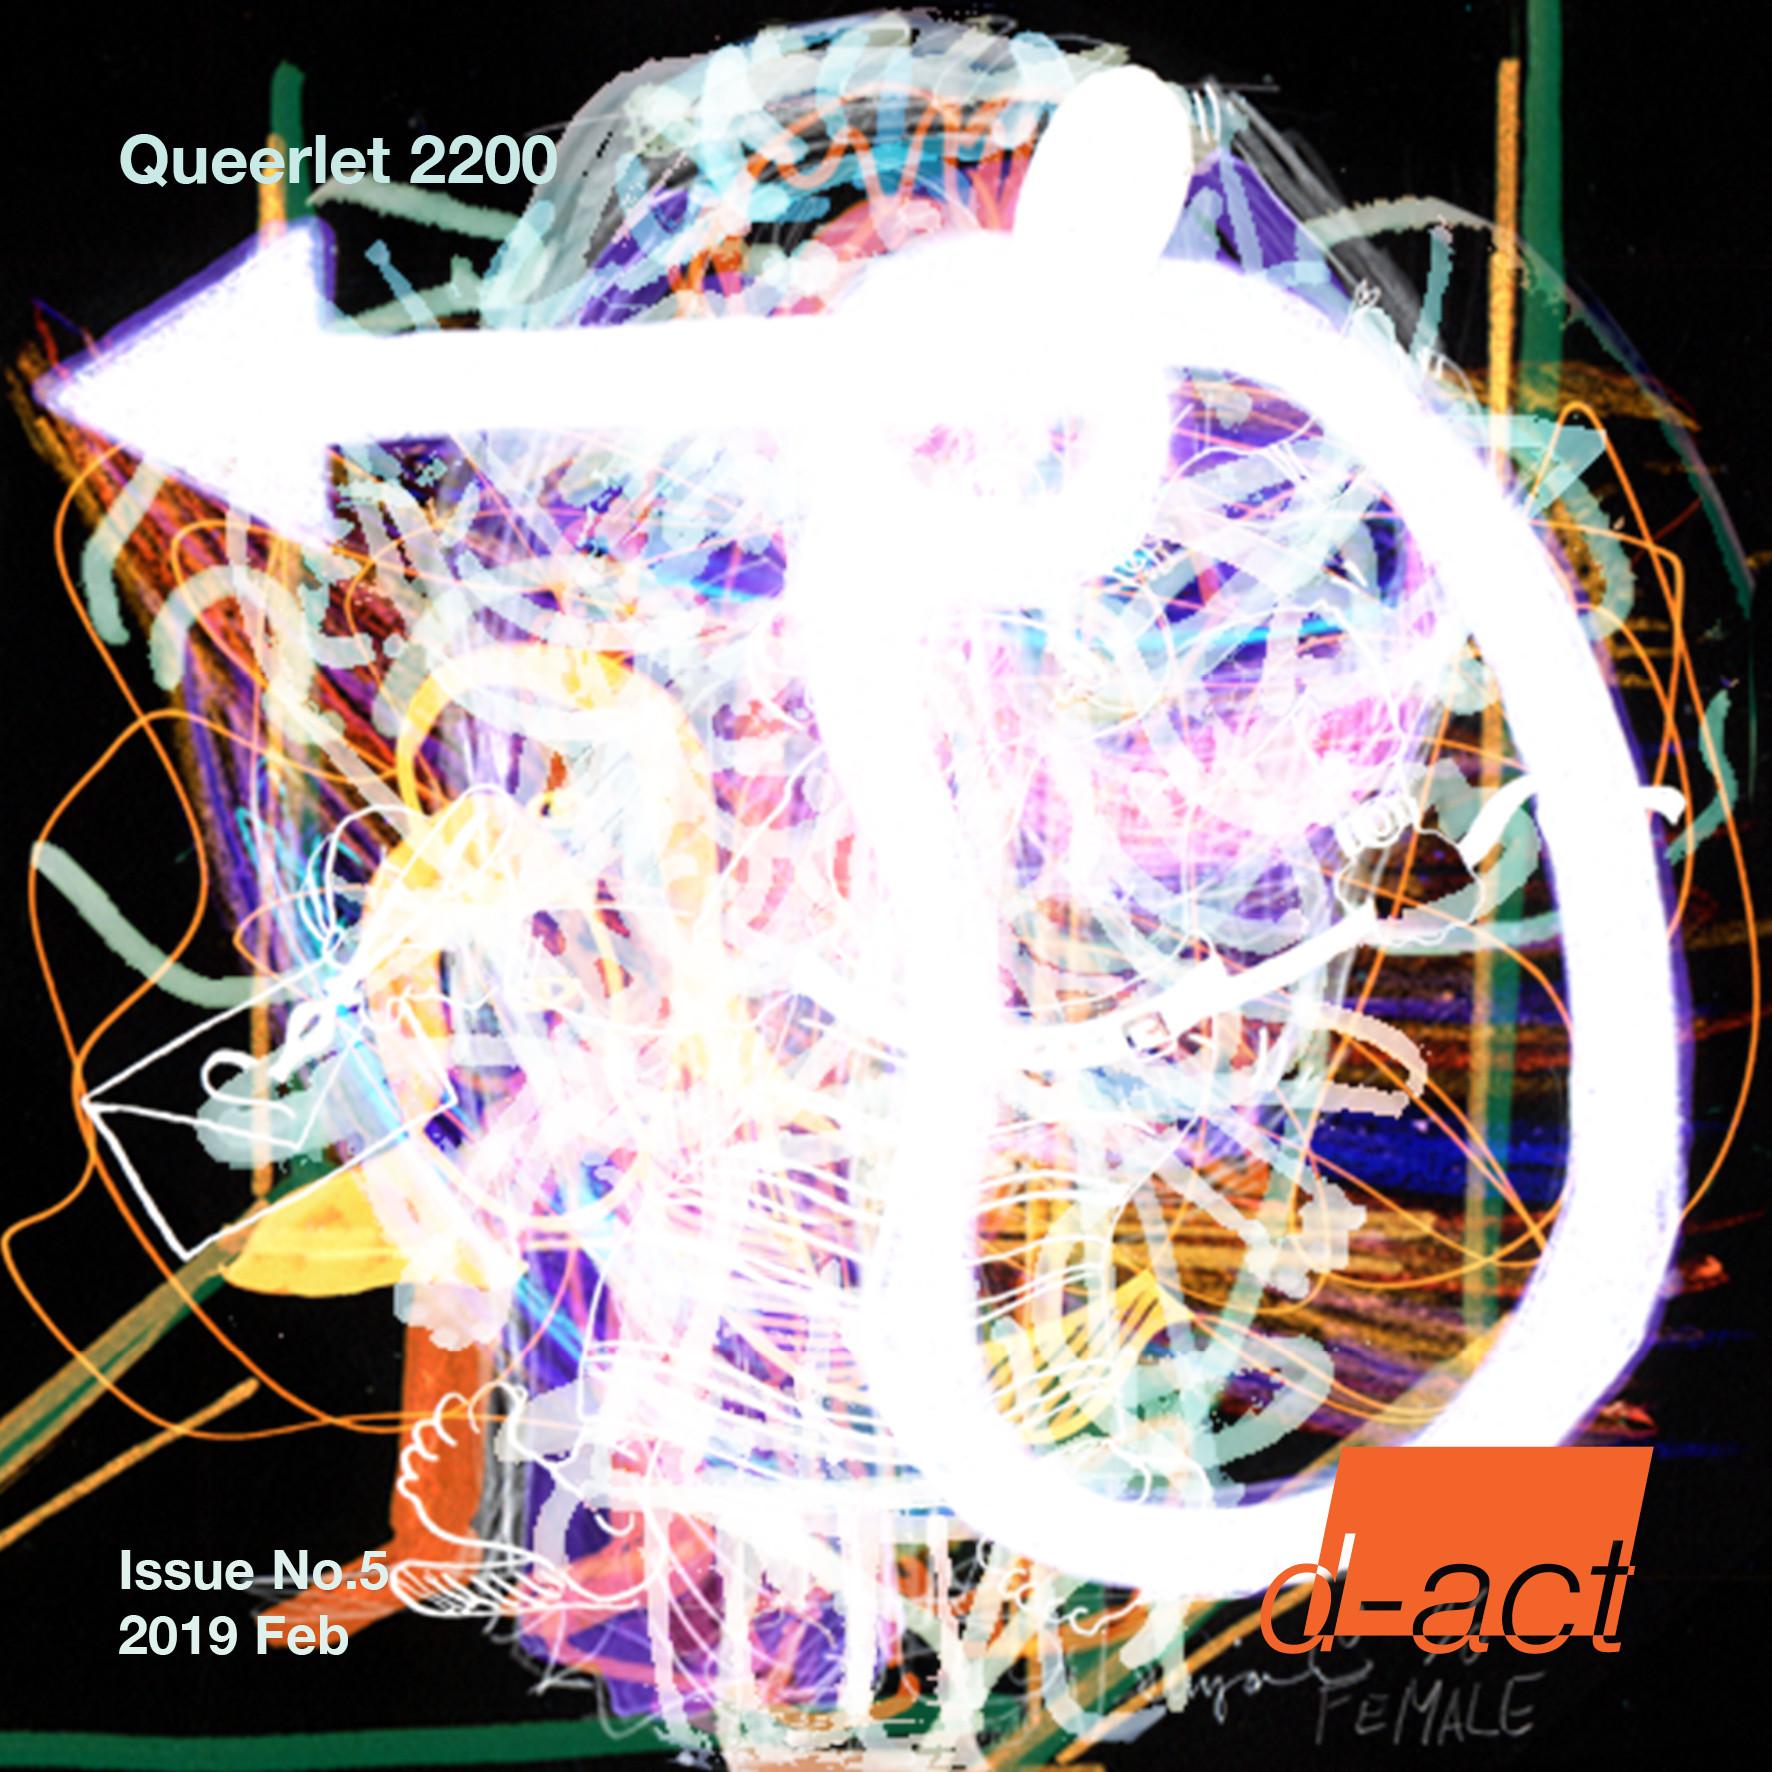 #5 Queerlet2200